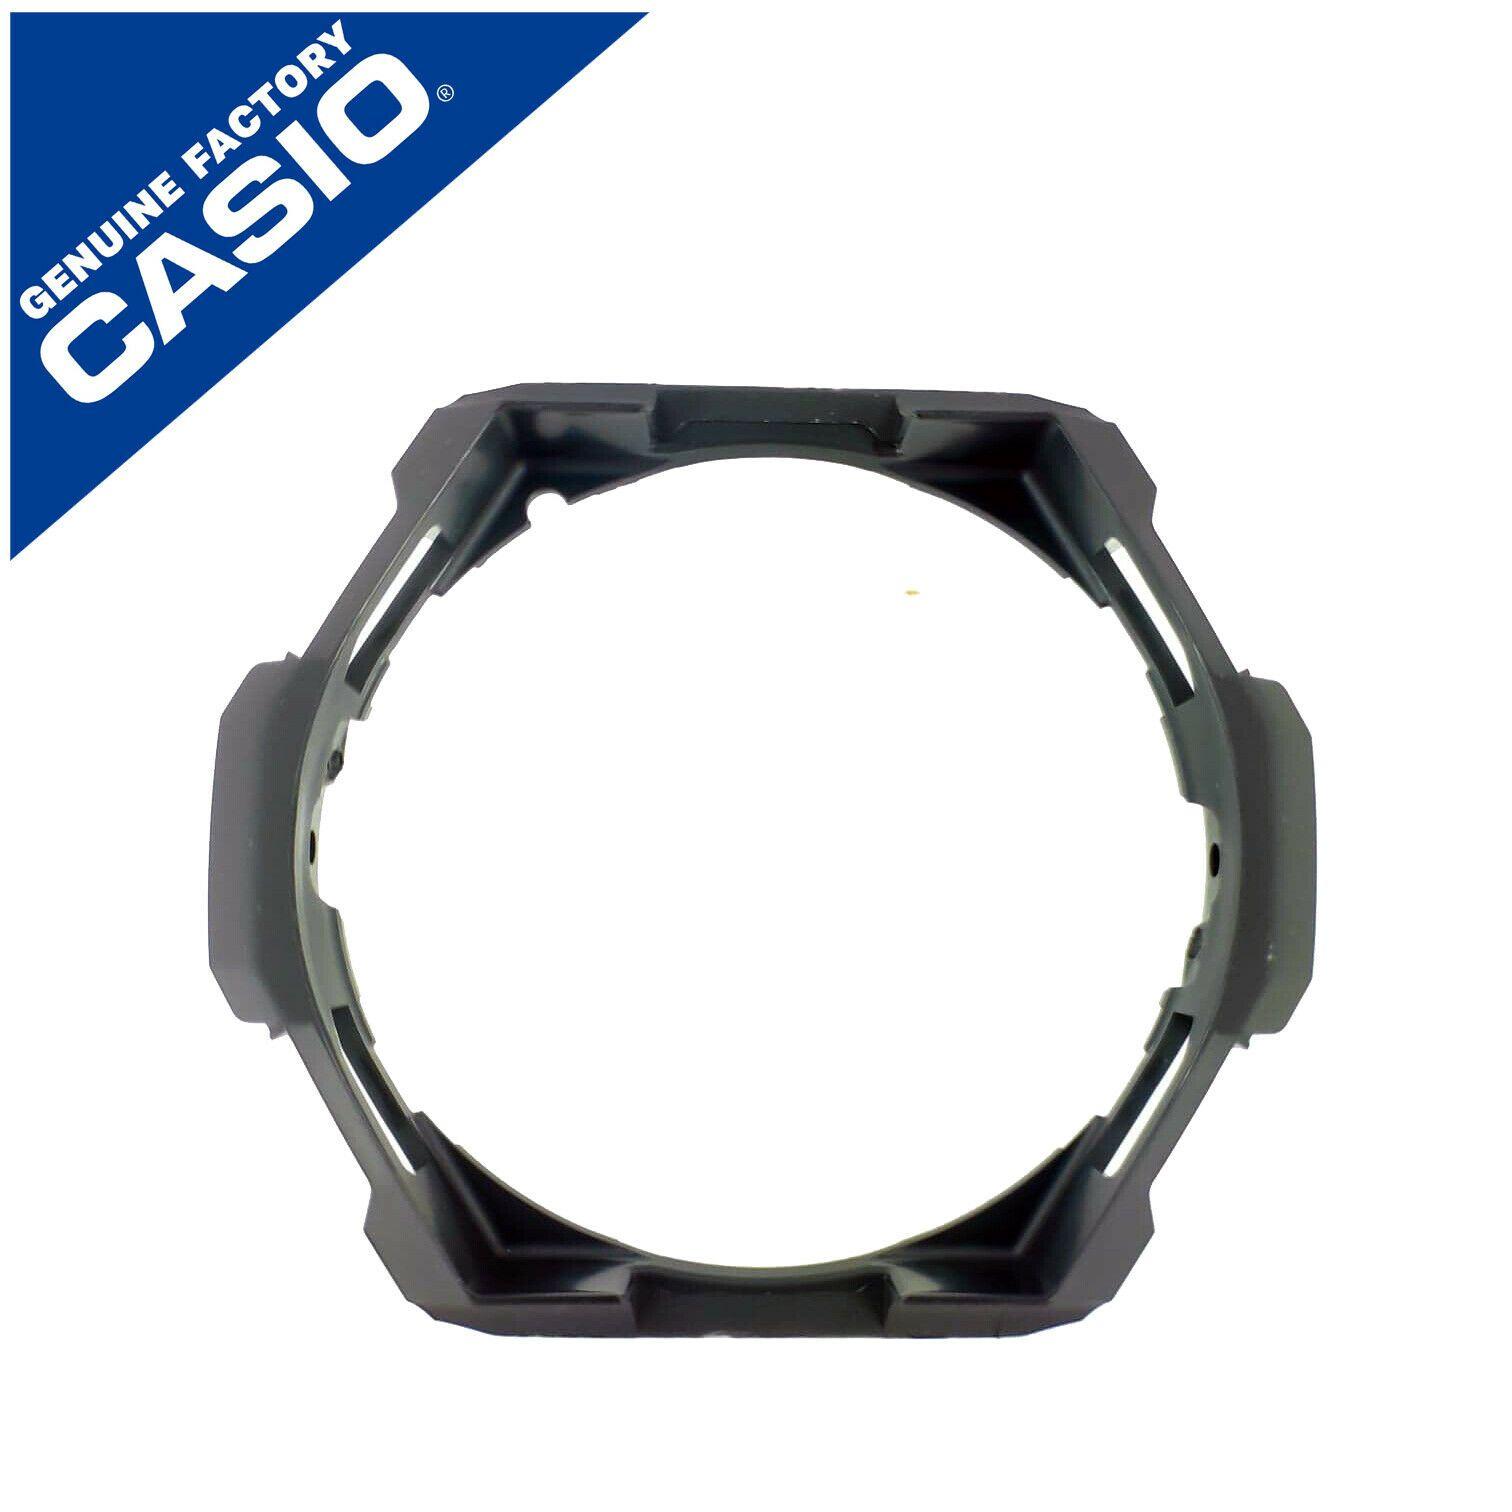 Bezel Inner Capa Casio G-Shock GW-4000 / G-1400D-1A    - E-Presentes